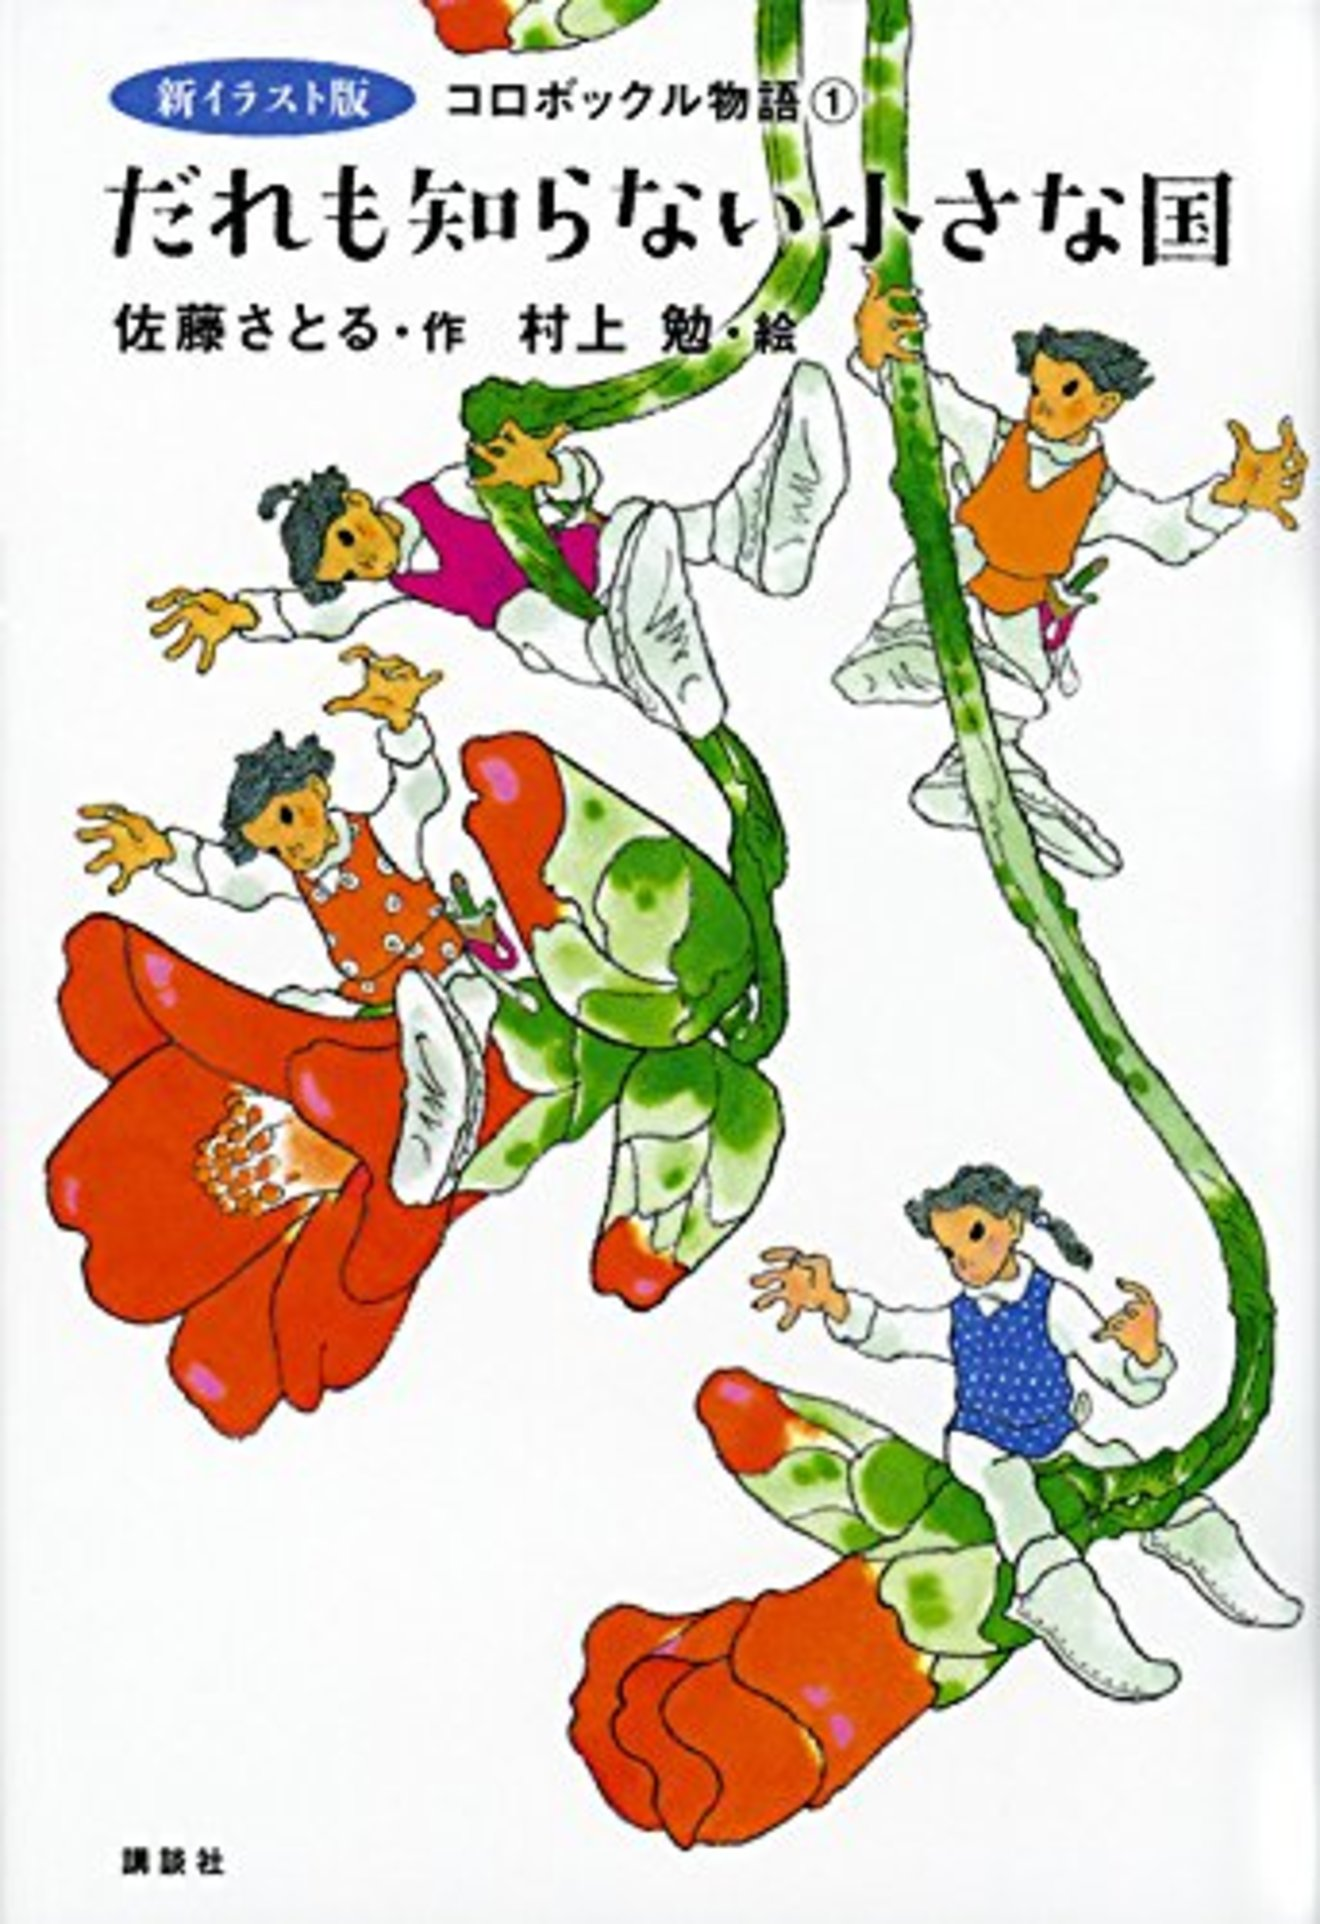 「コロボックル物語」シリーズの魅力。あらすじ、絵本、有川浩の続編も紹介!